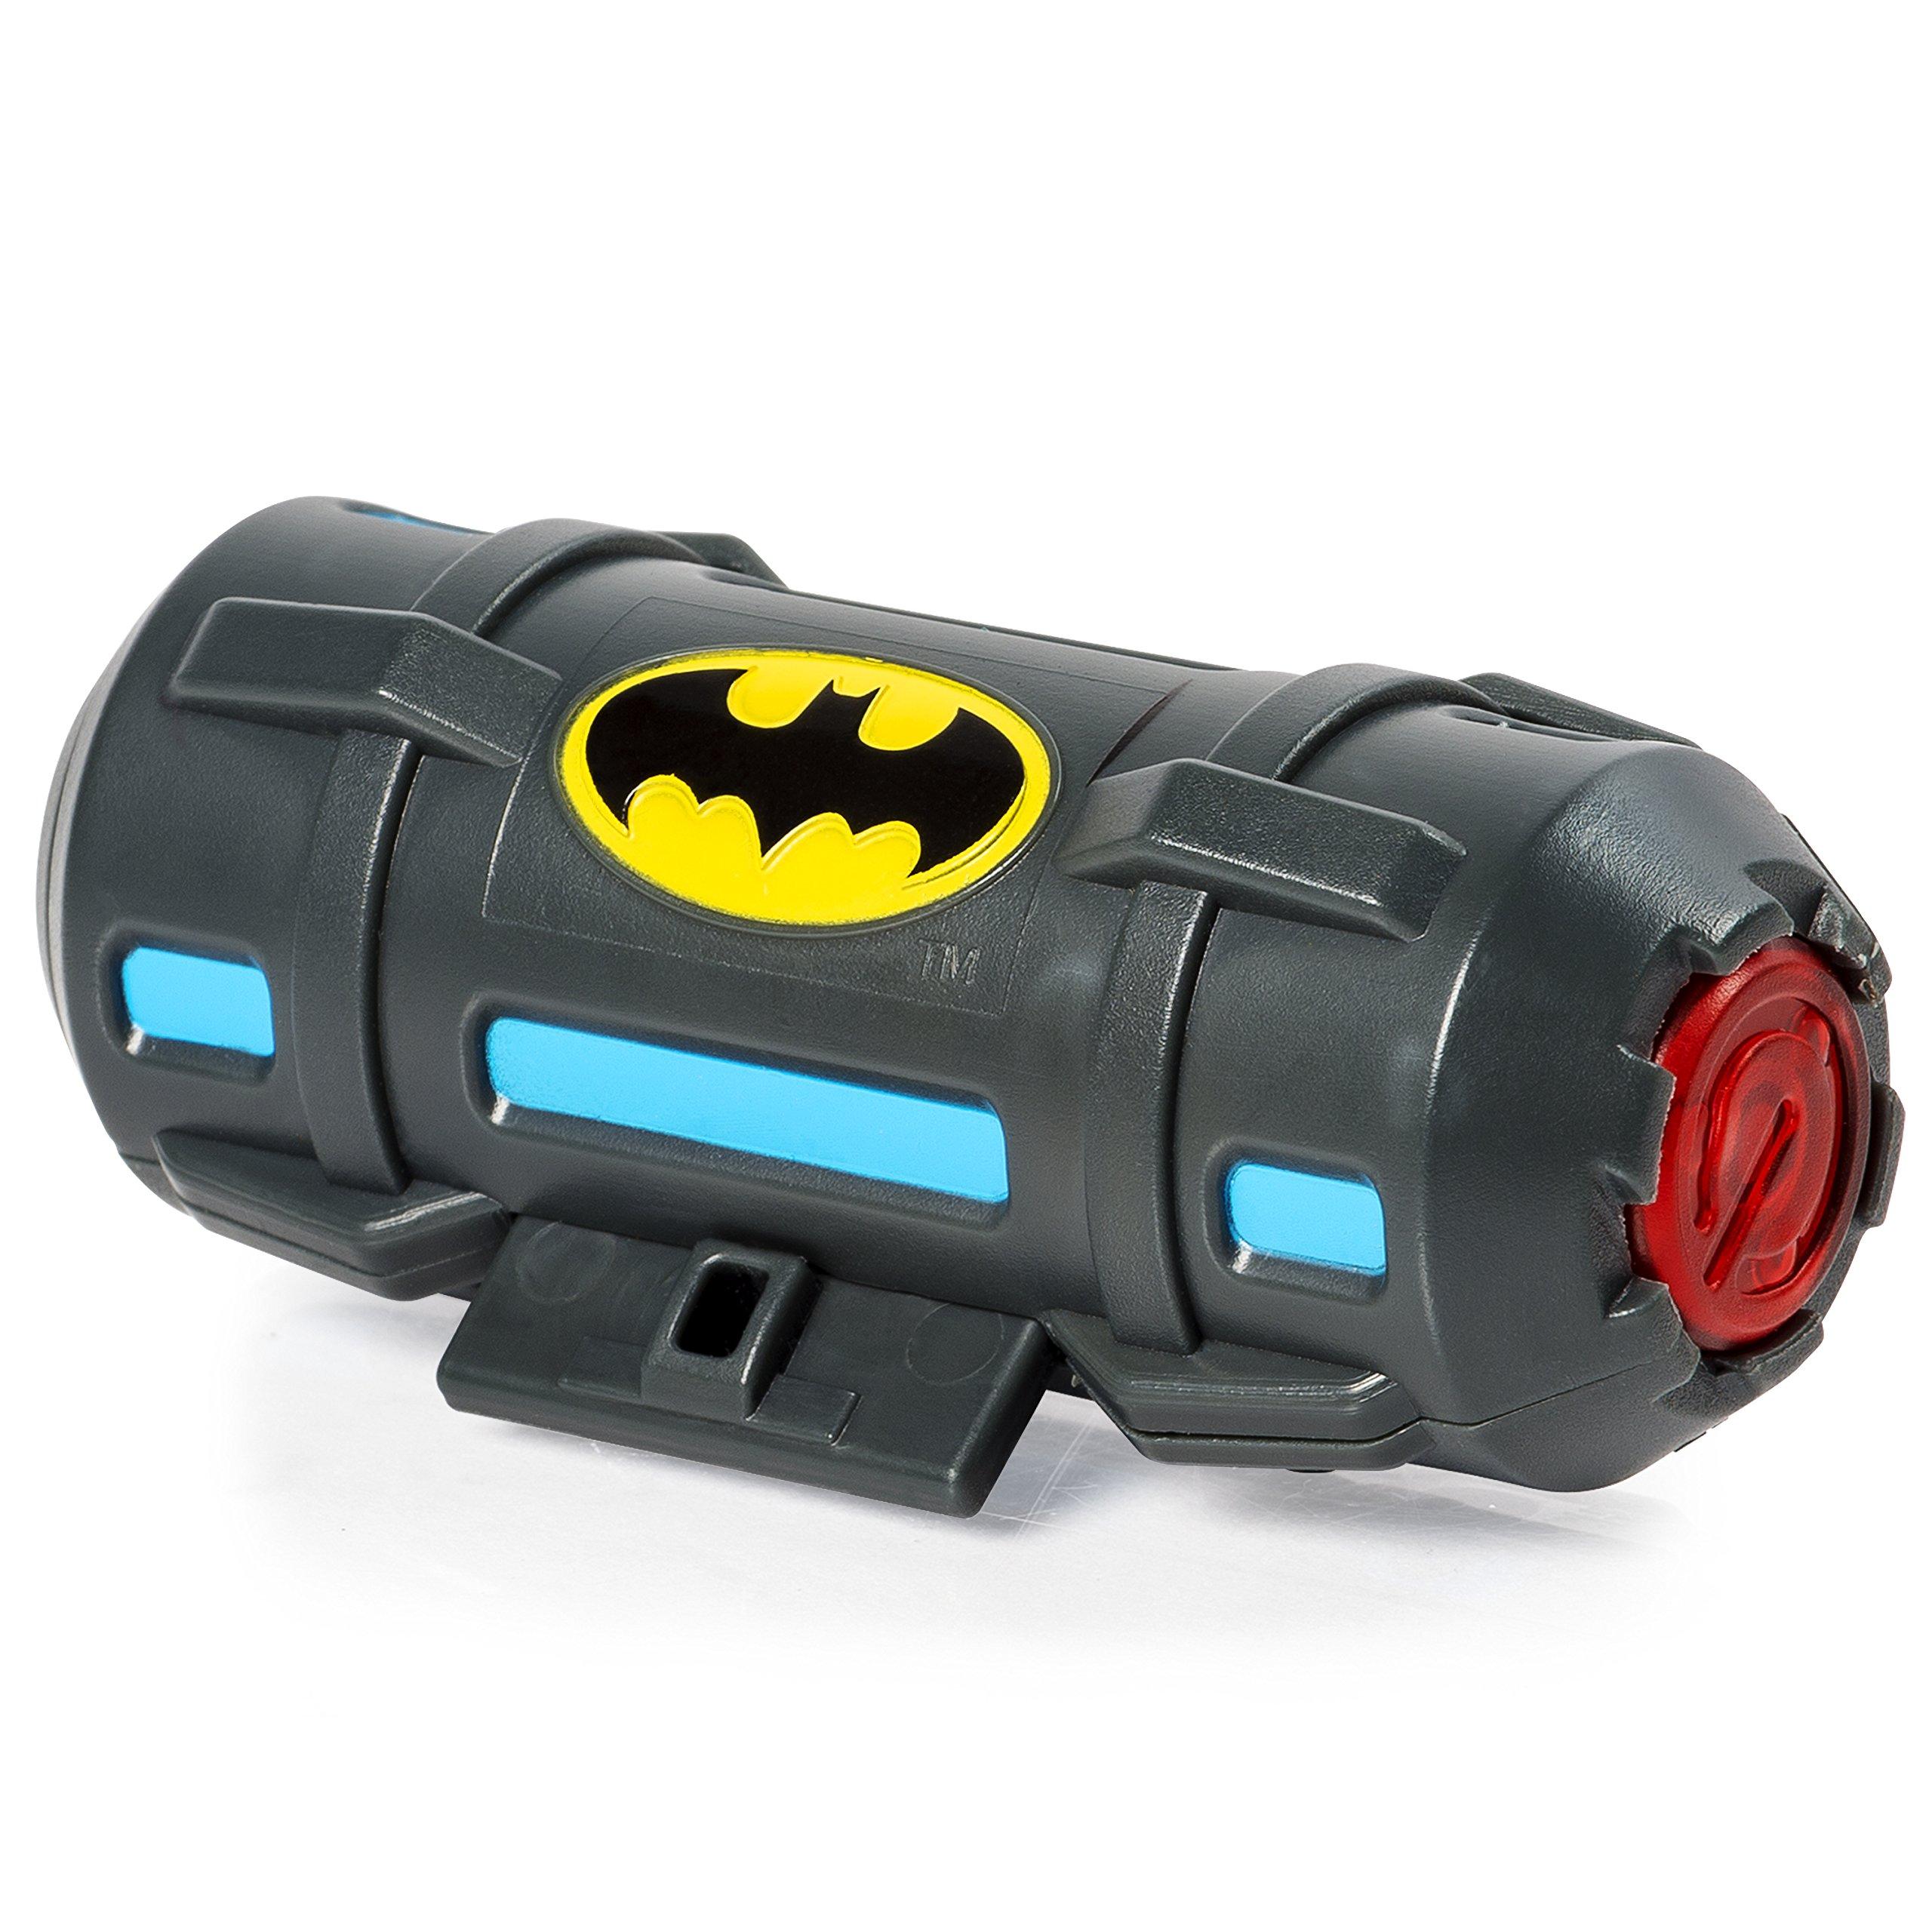 Spy Gear - Batman Sonic Distractor by Spy Gear